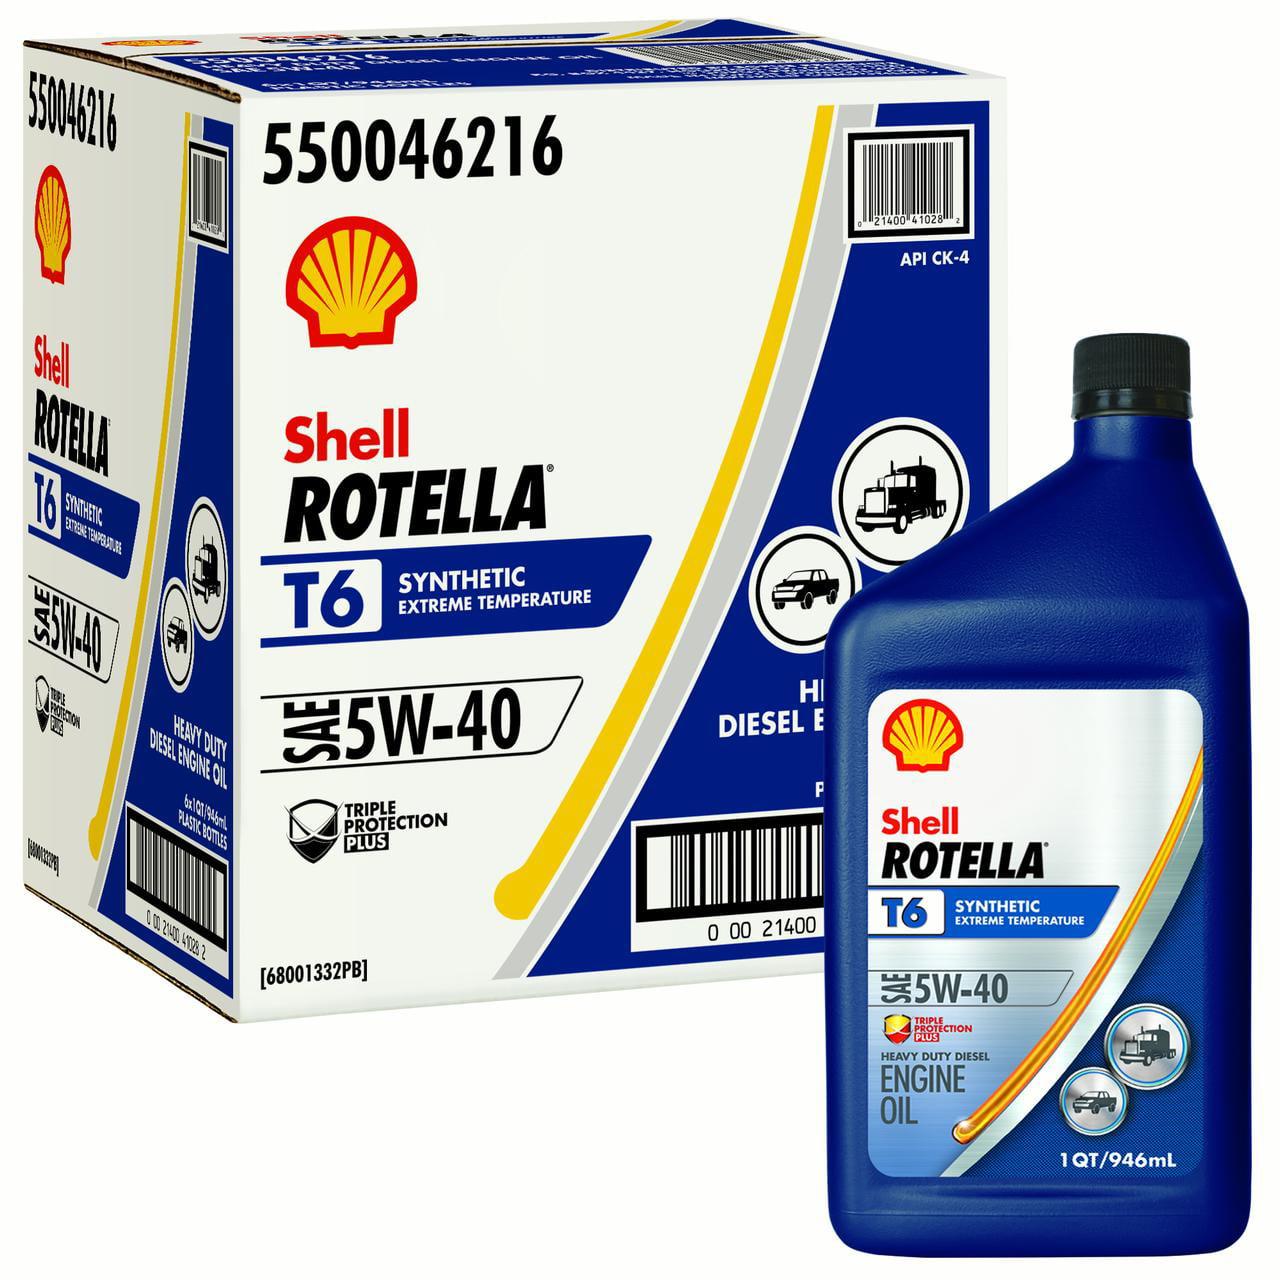 Shell Rotella T6 5w 40 Full Synthetic Heavy Duty Diesel